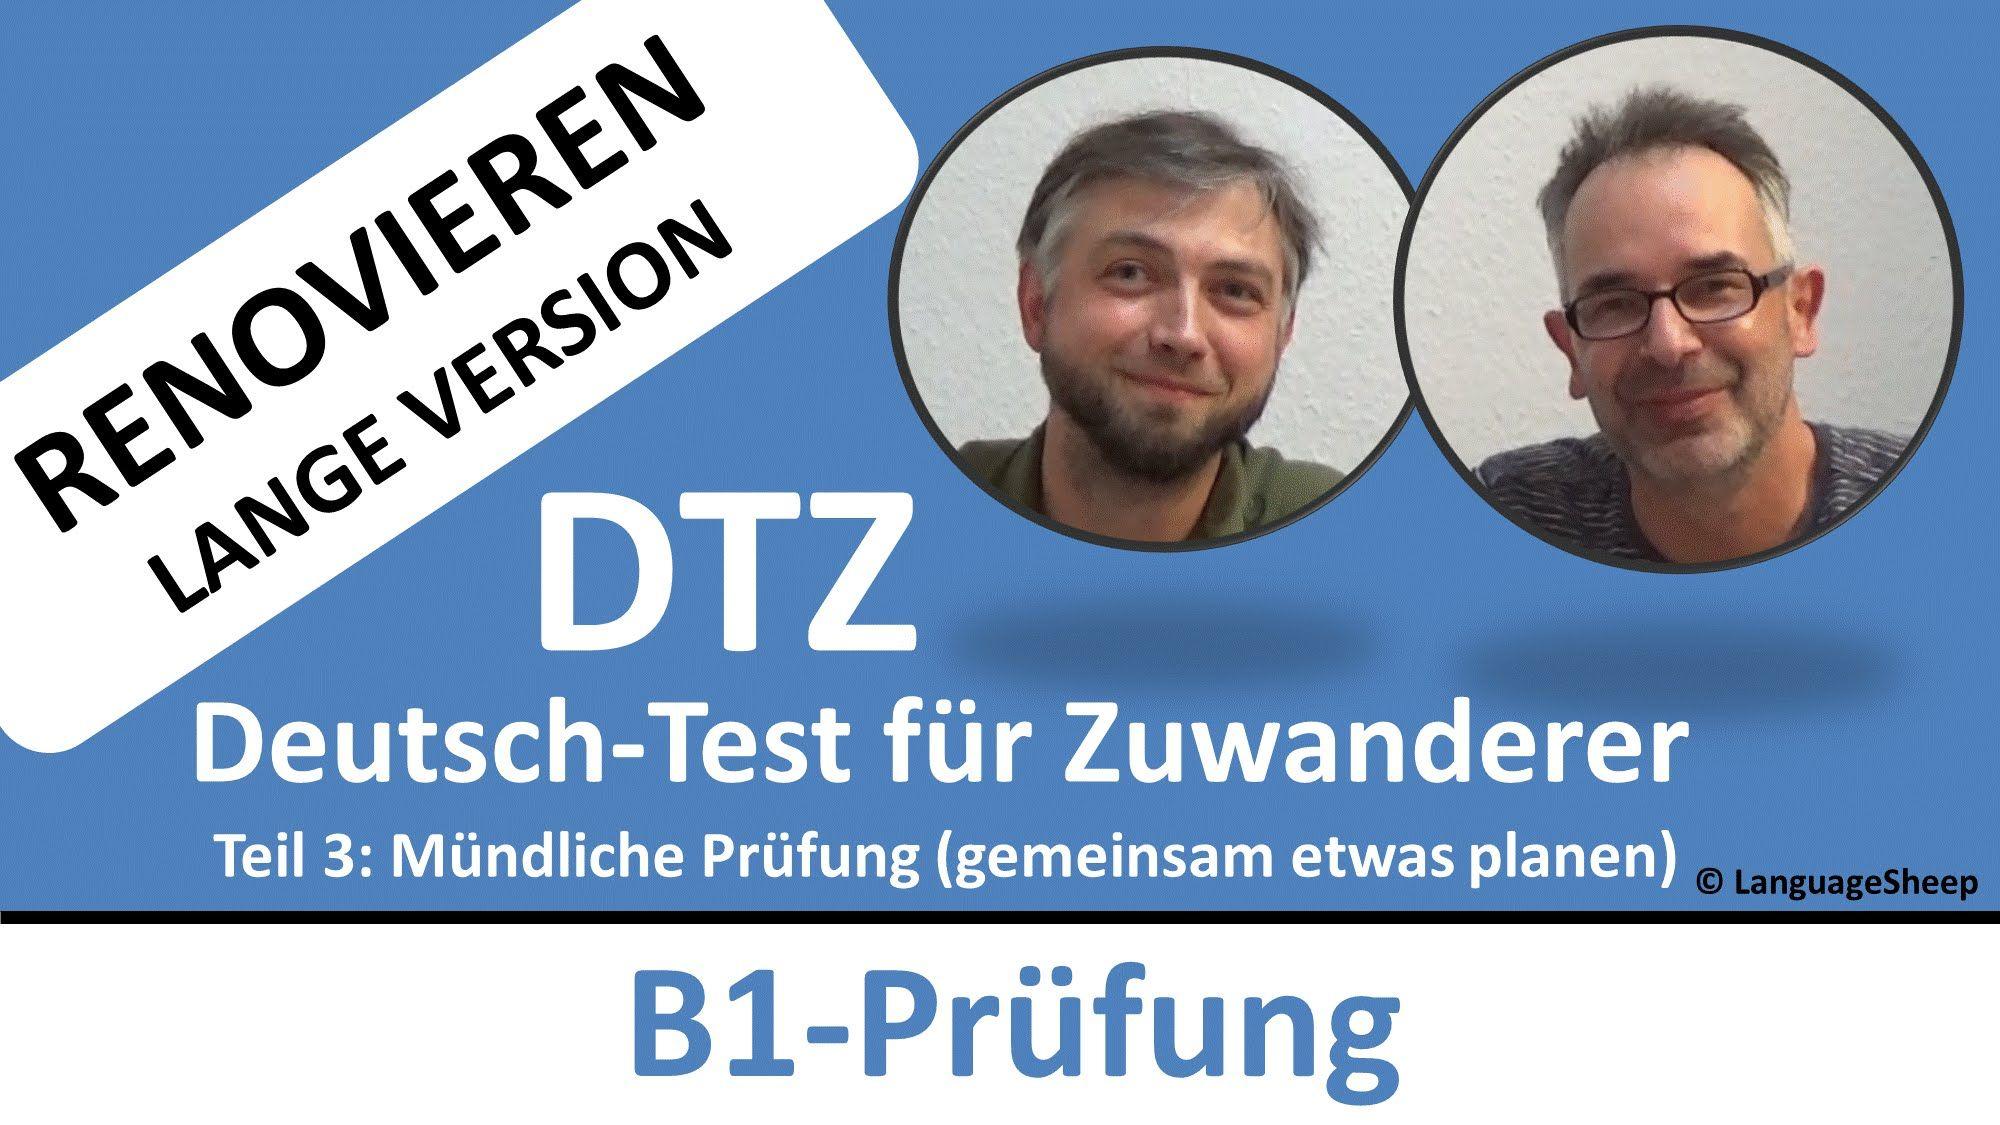 B1 Prüfung Brief Schreiben B1 Prüfung Muster Schön Schizophrene